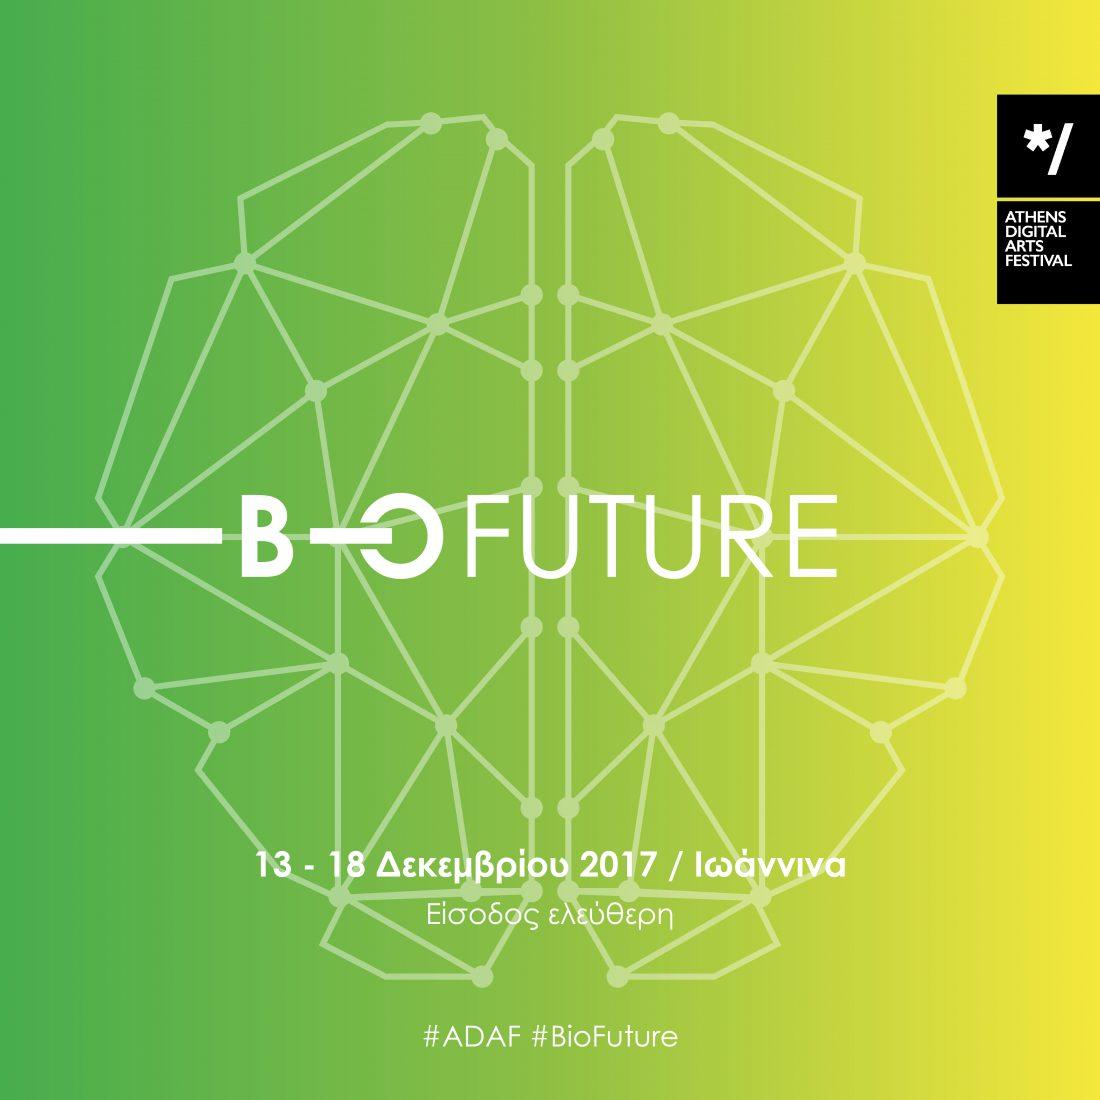 ADAF | BioFuture